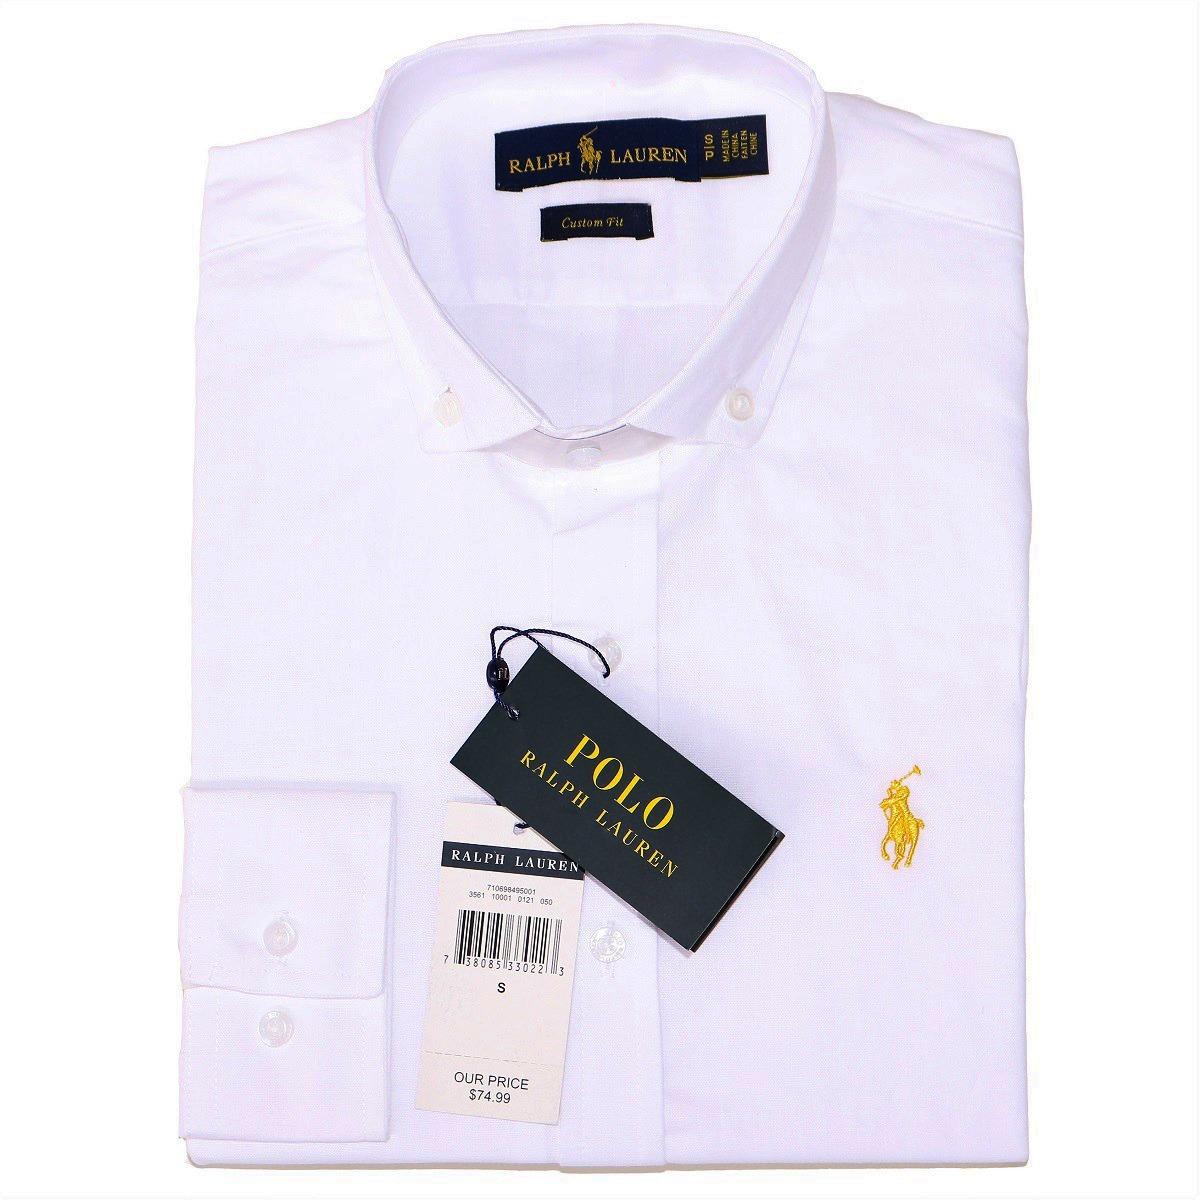 65792bac1b Camisa Social Ralph Lauren Masc Custom Fit Branco Original - R$ 159 ...